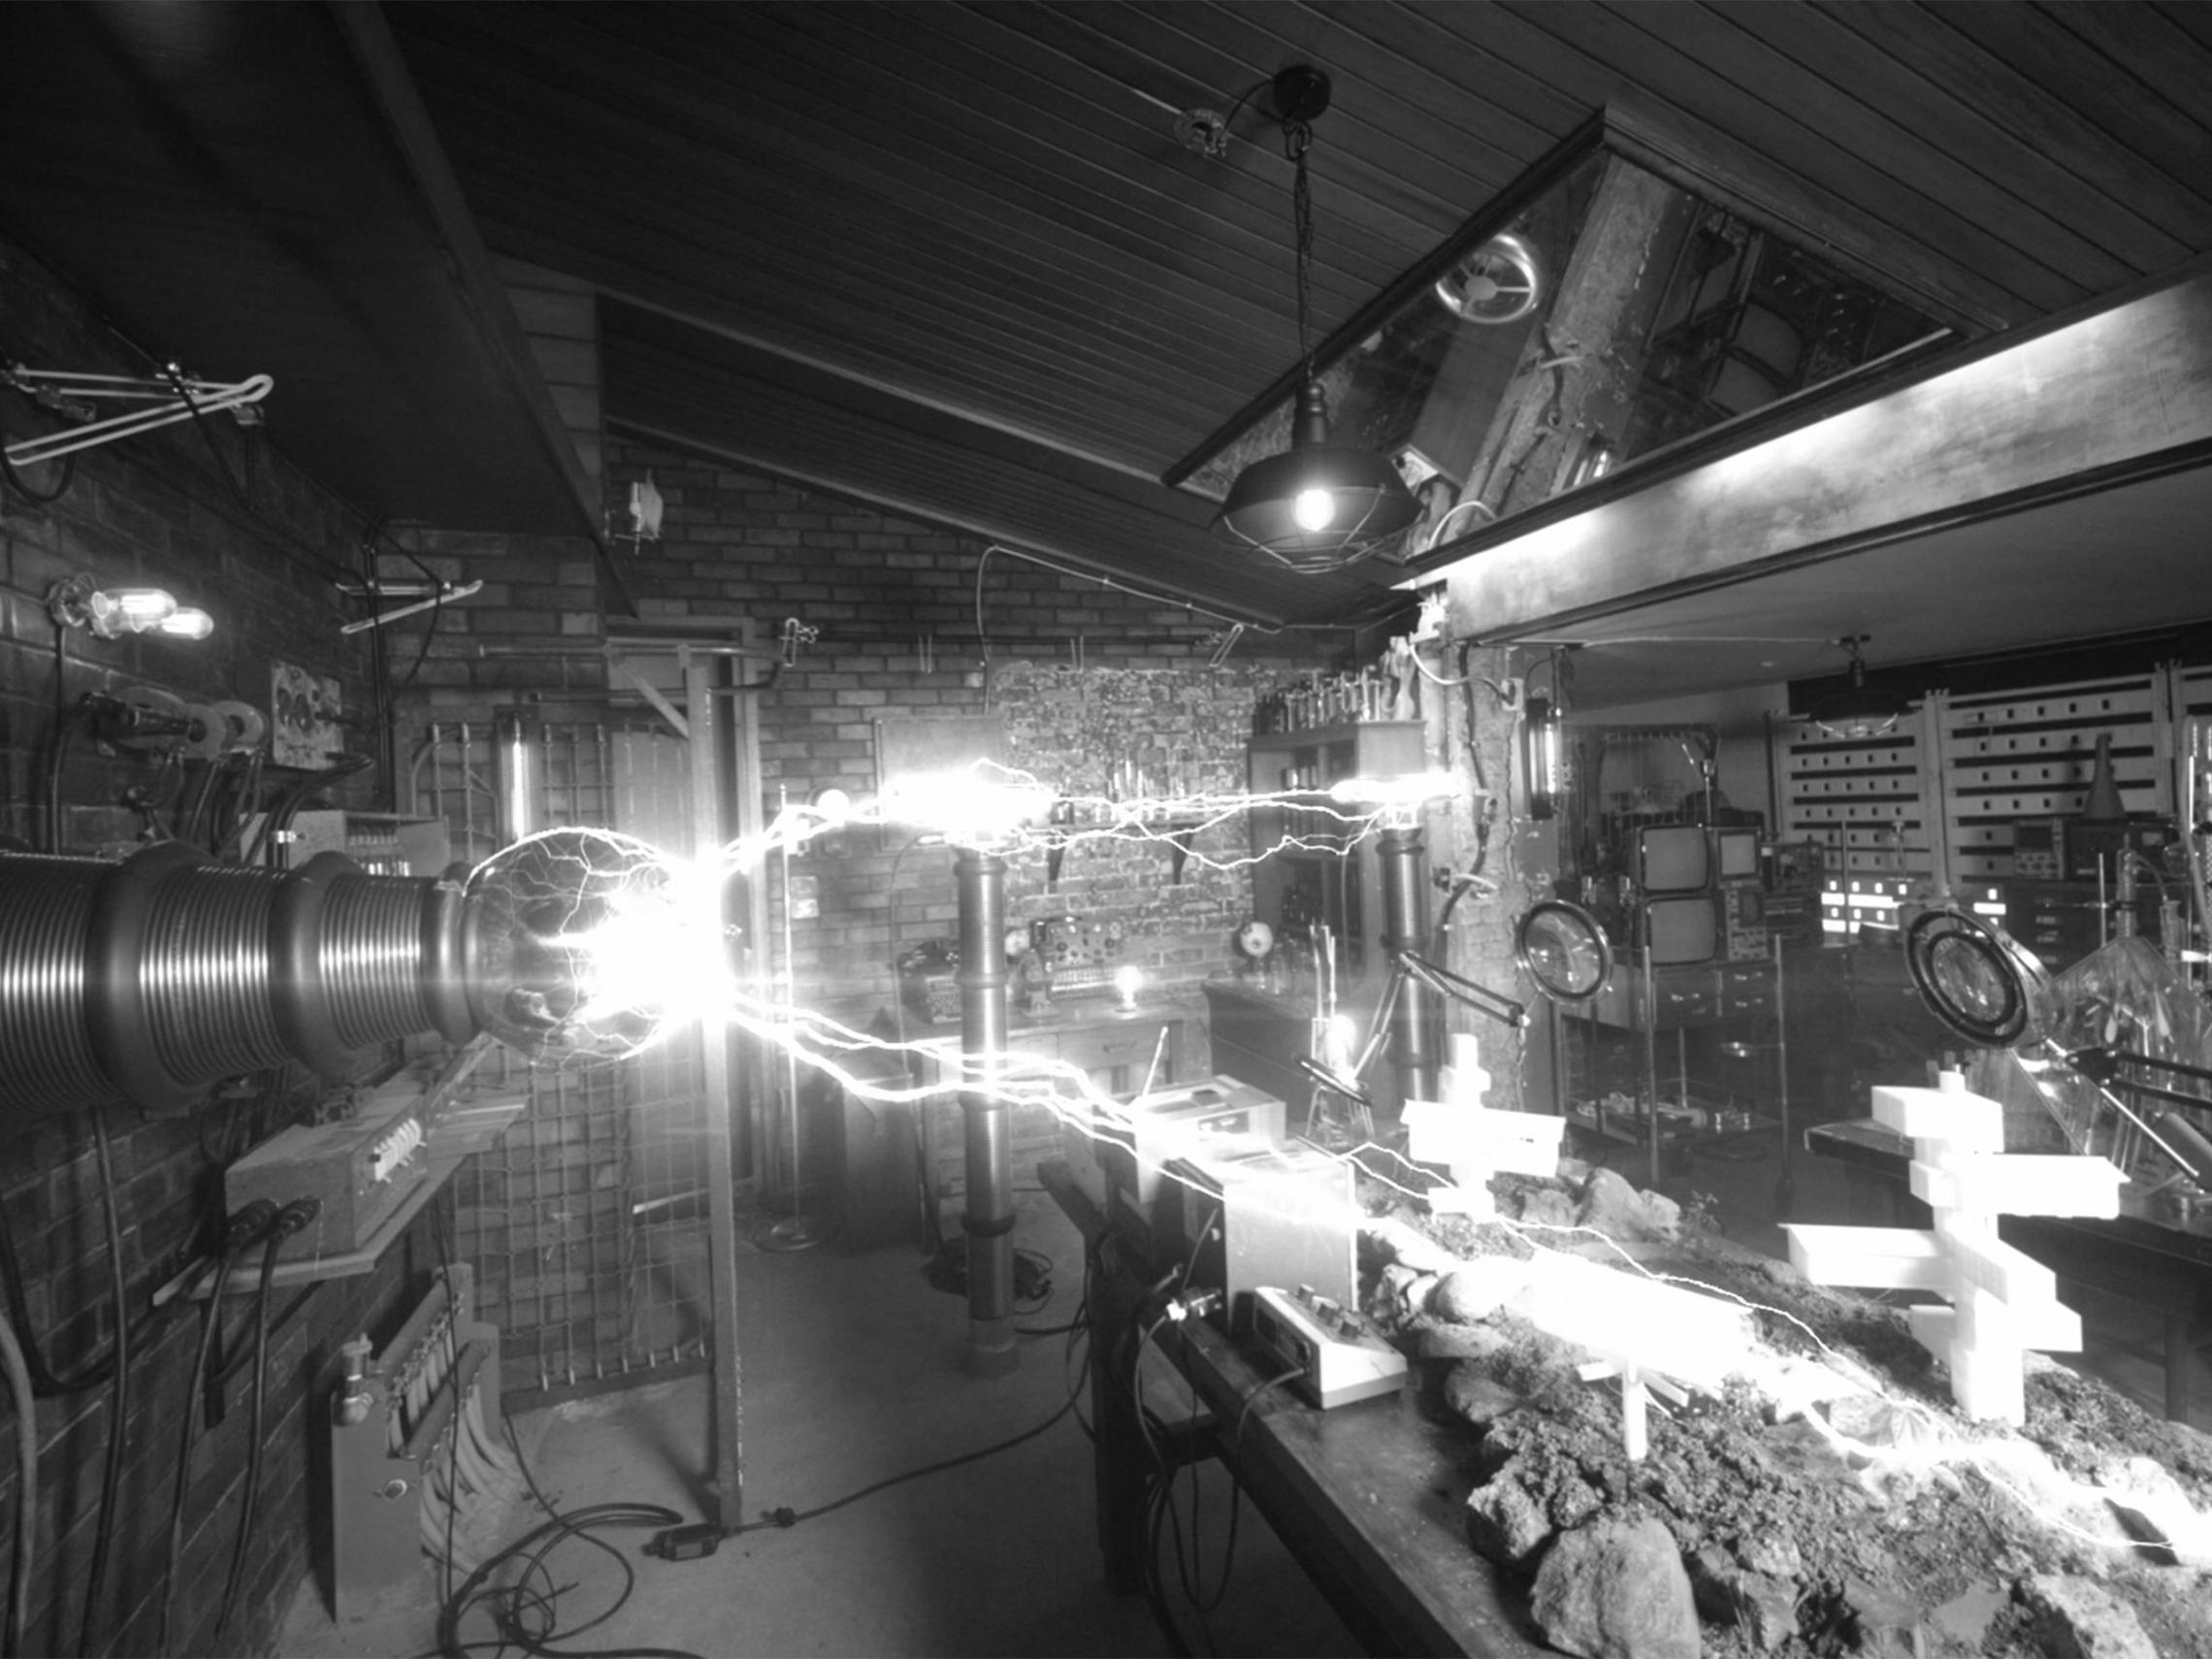 ムン&チョン 《フリーダム・ヴィレッジ》 2017年、シングルチャンネルビデオ、音、12分15秒、サイズ可変(スティールカット)